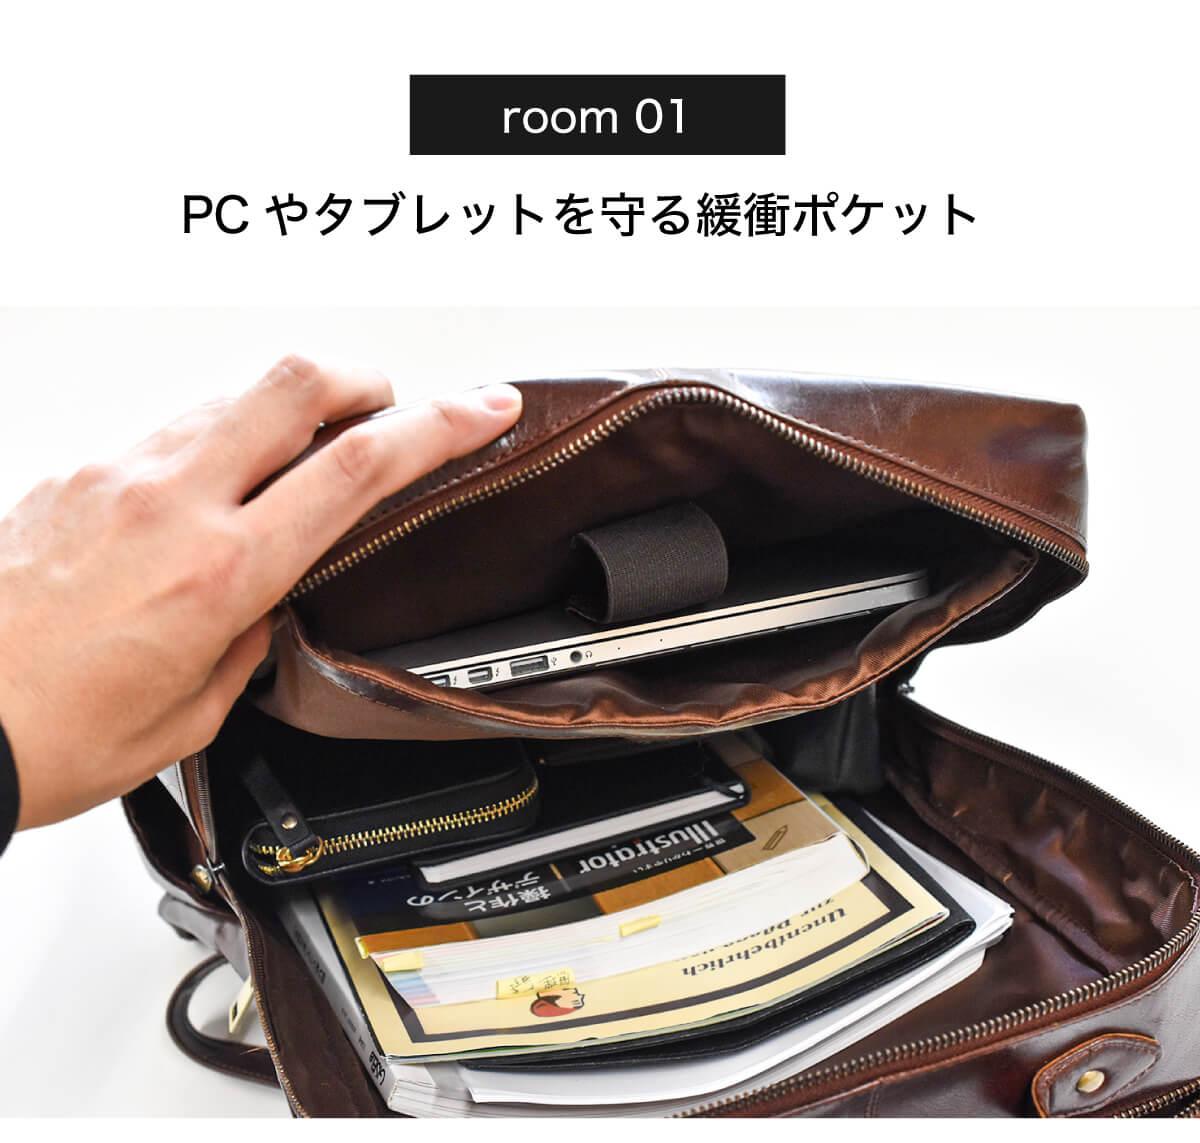 ビジネスリュック 本革 Brown バックパック リュックサック バッグ